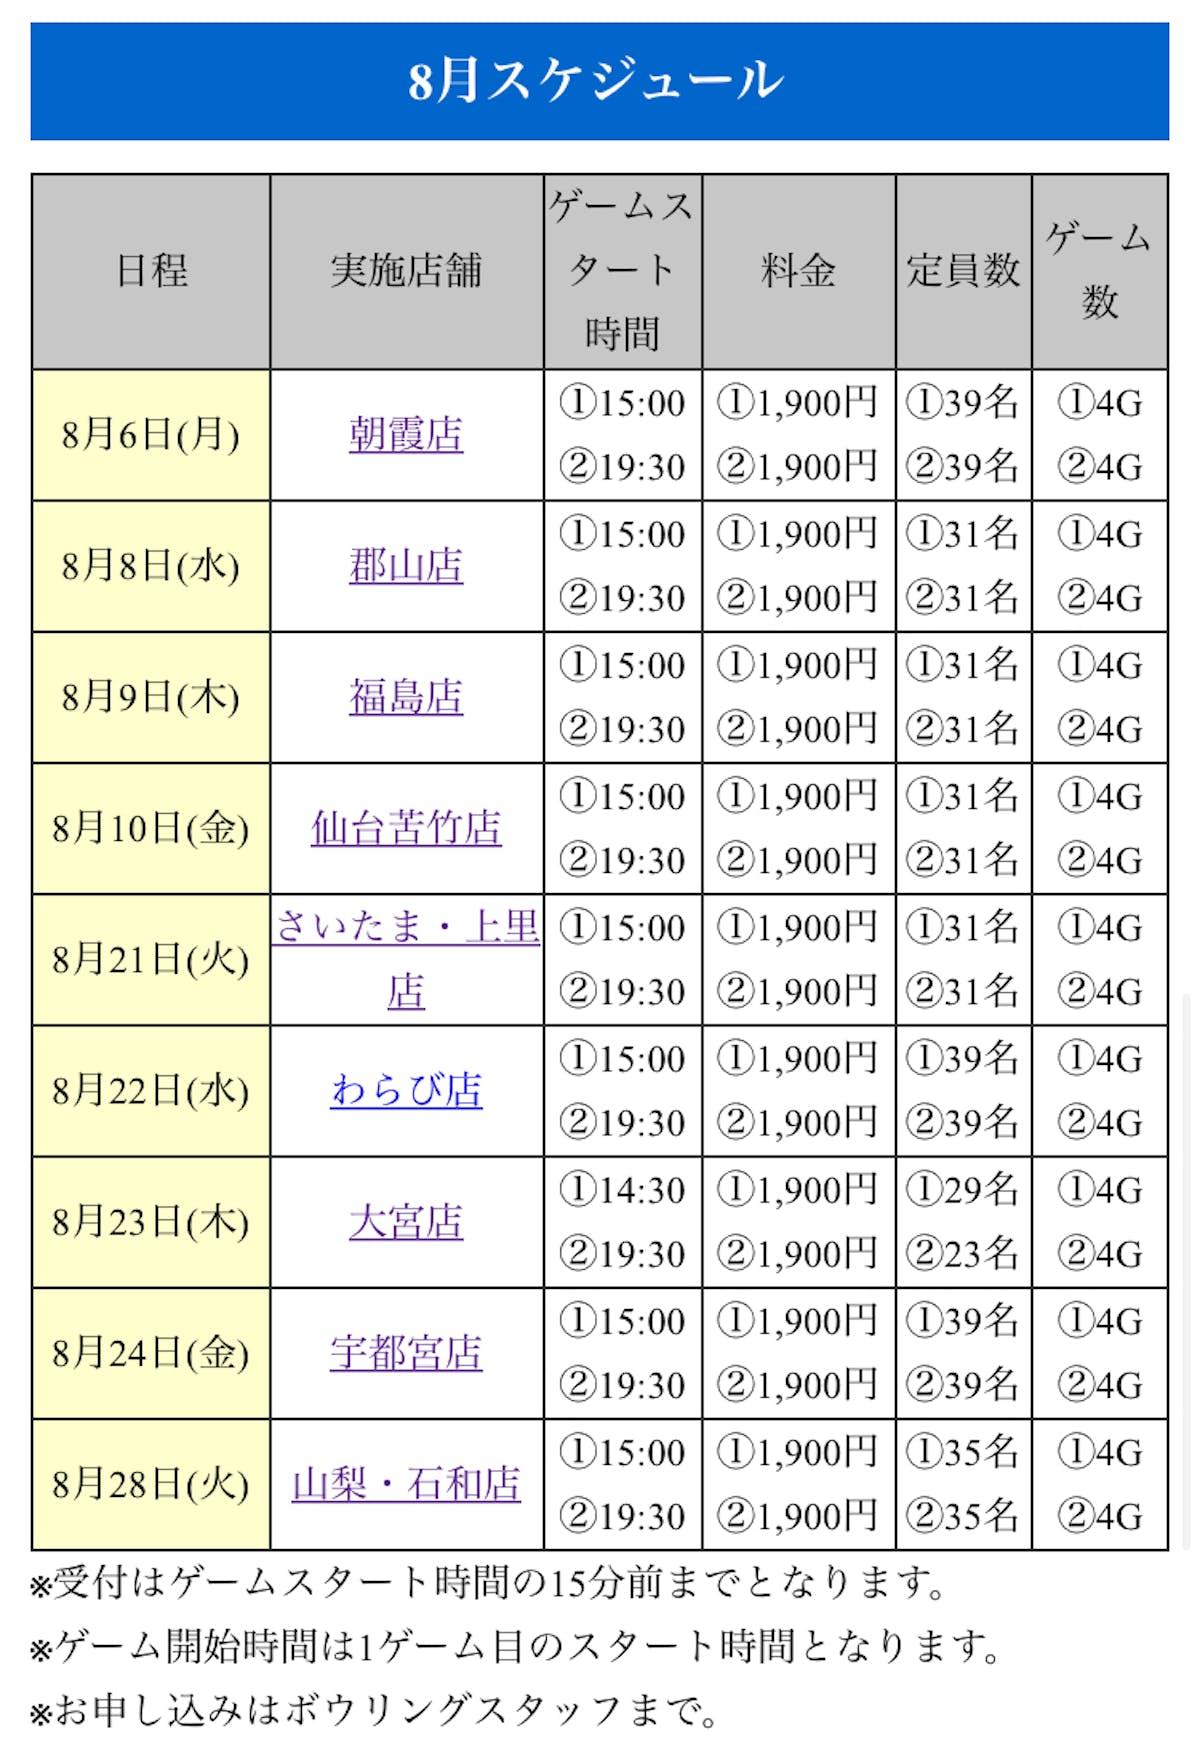 8B8D1276-9FA7-4CD9-BC44-B92B43E609A6.jpeg